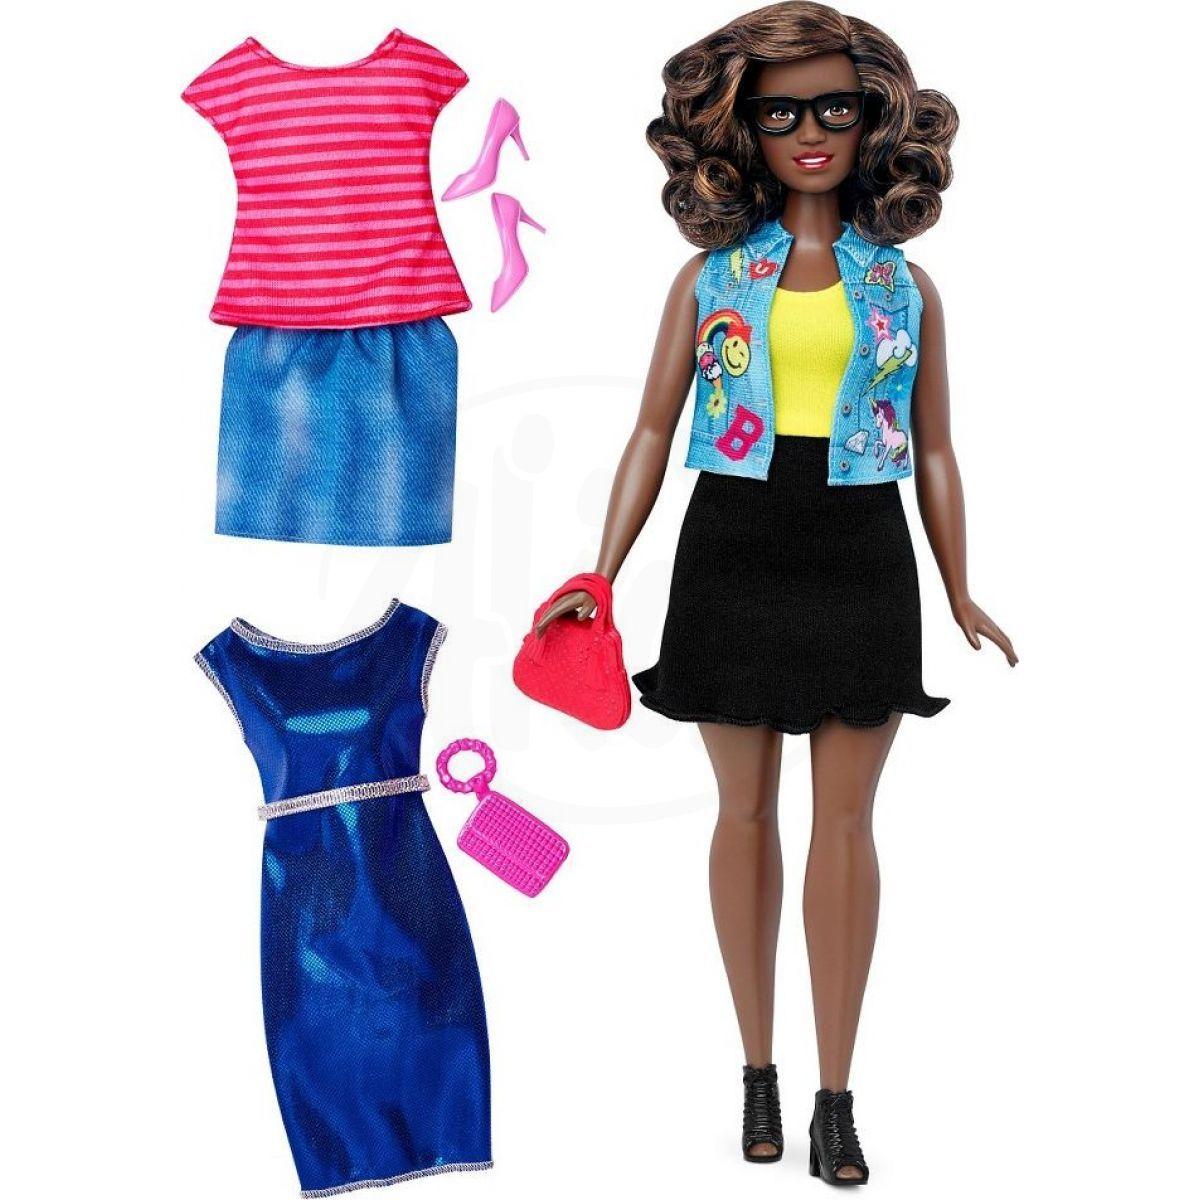 8a5222a6764e Mattel Barbie modelka s oblečky a doplňky 39